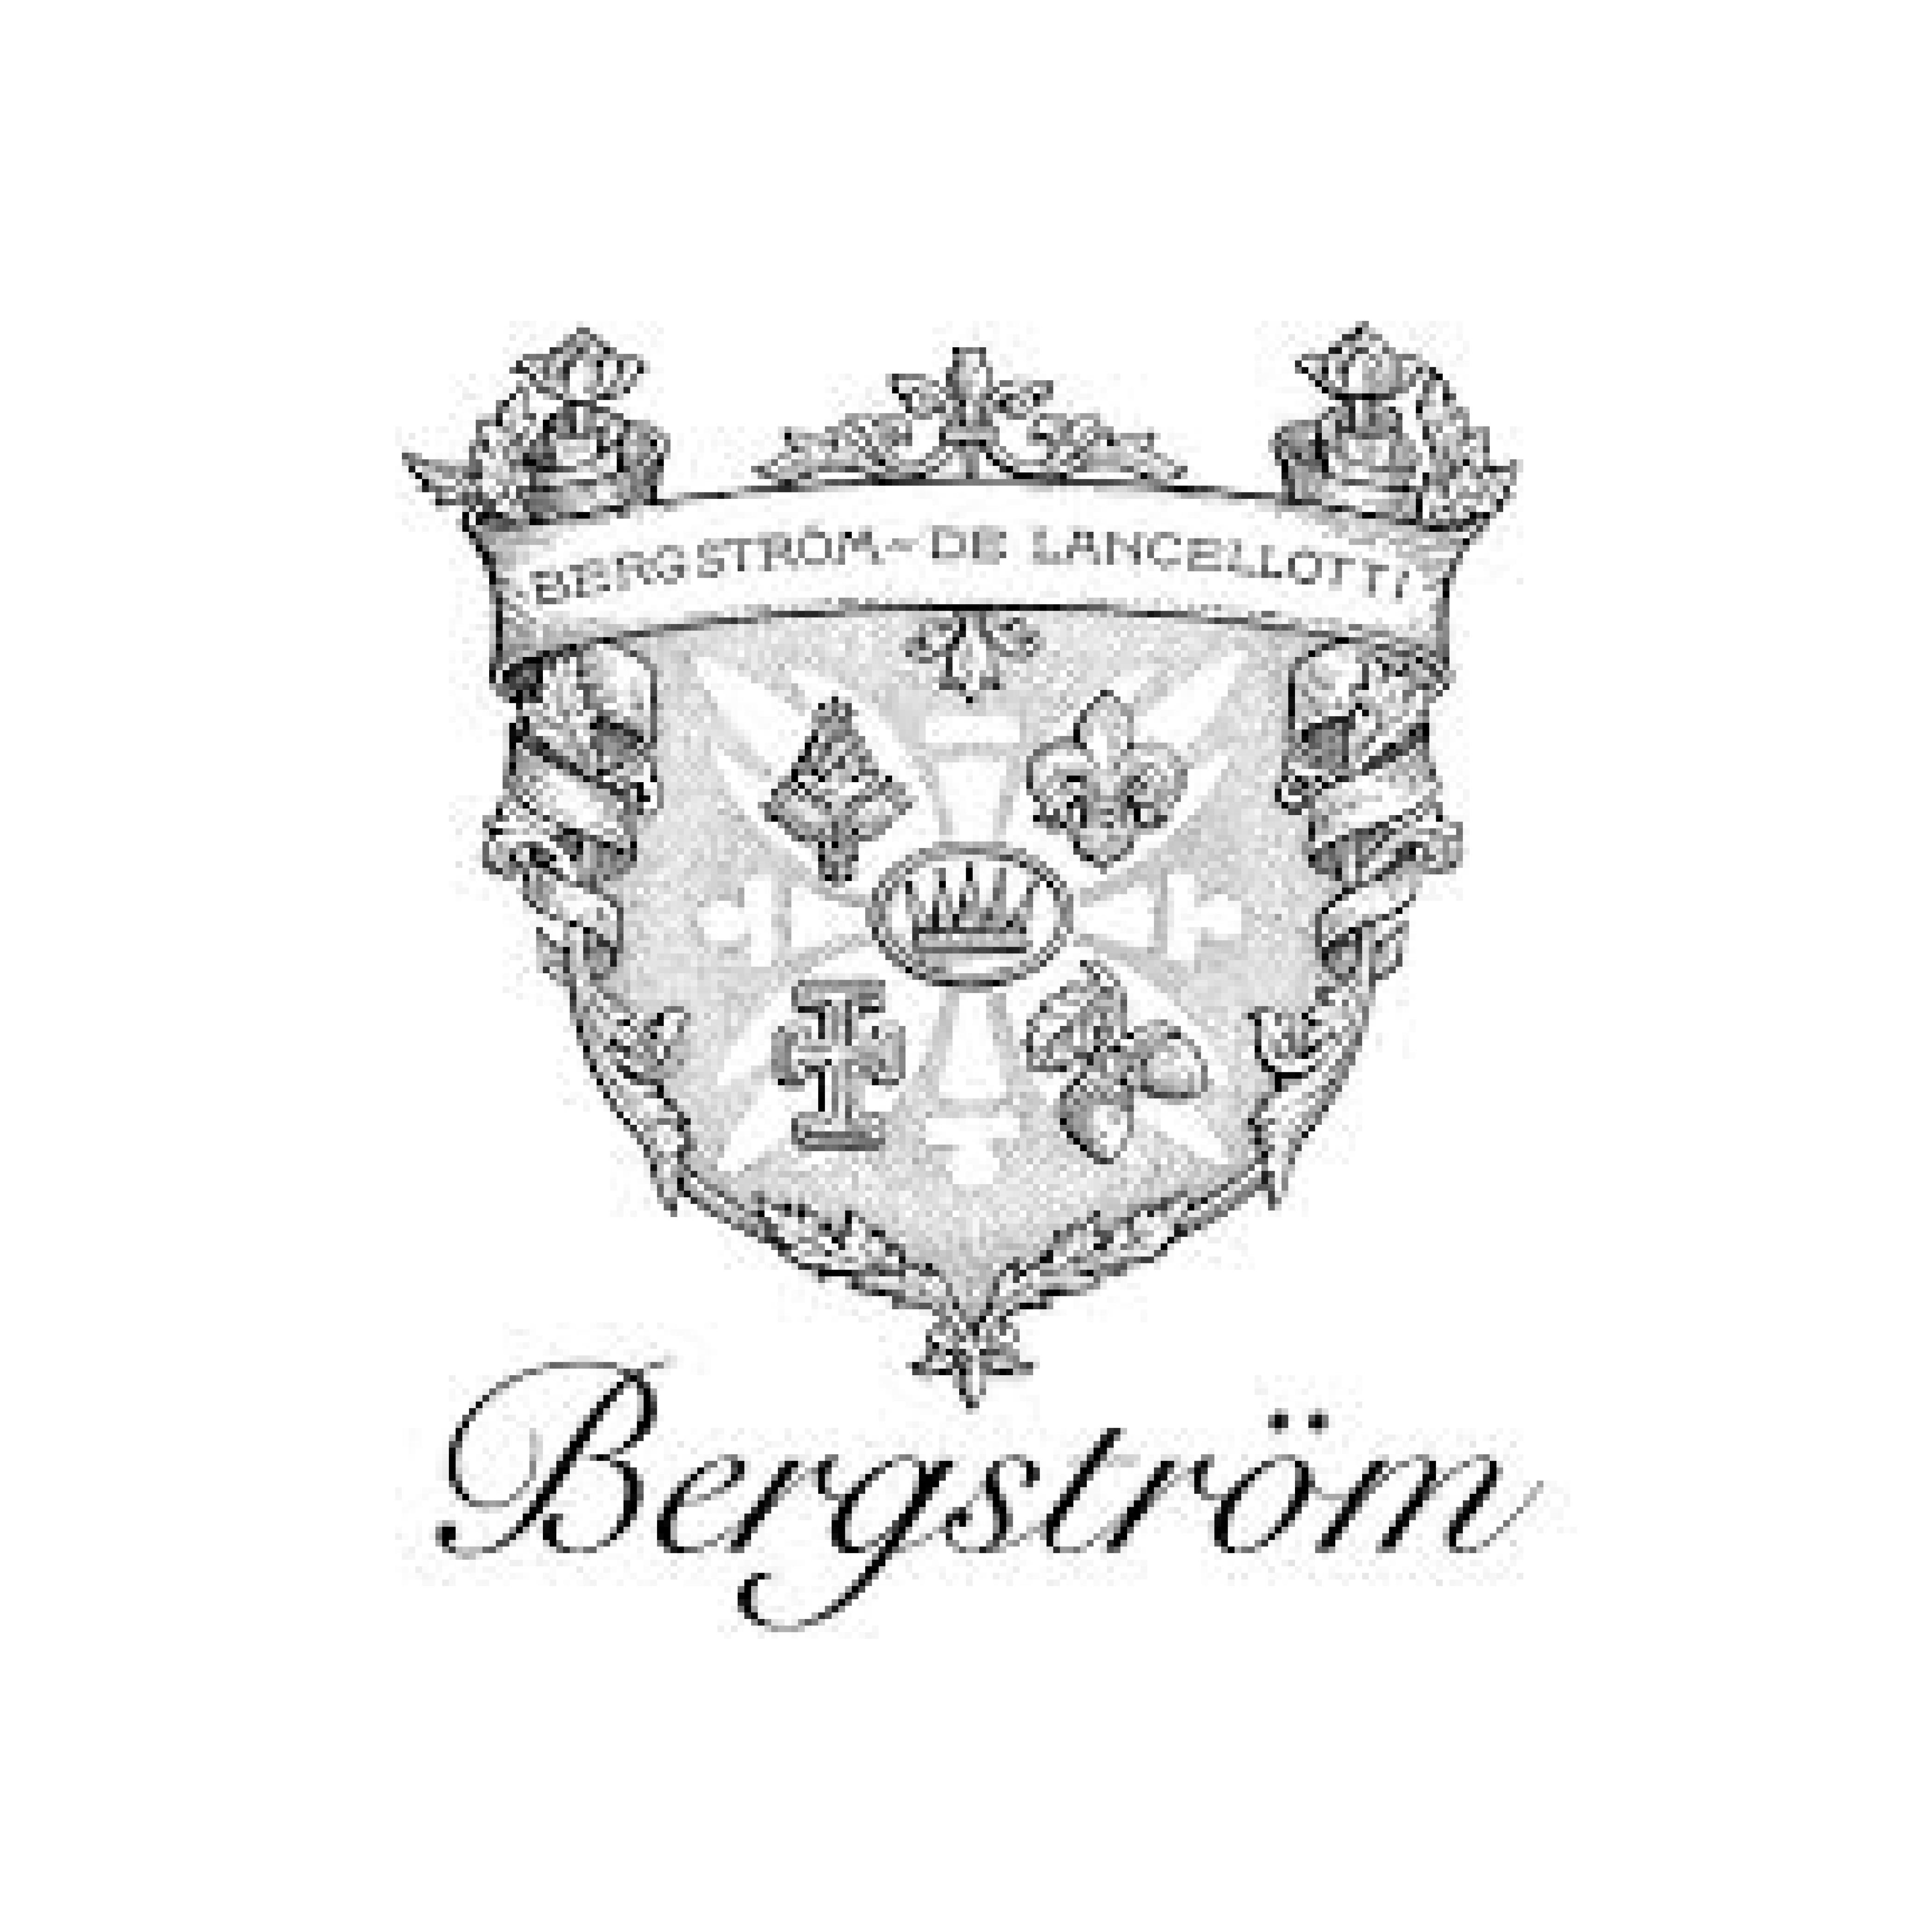 Bergstrom a Vinòforum Cla